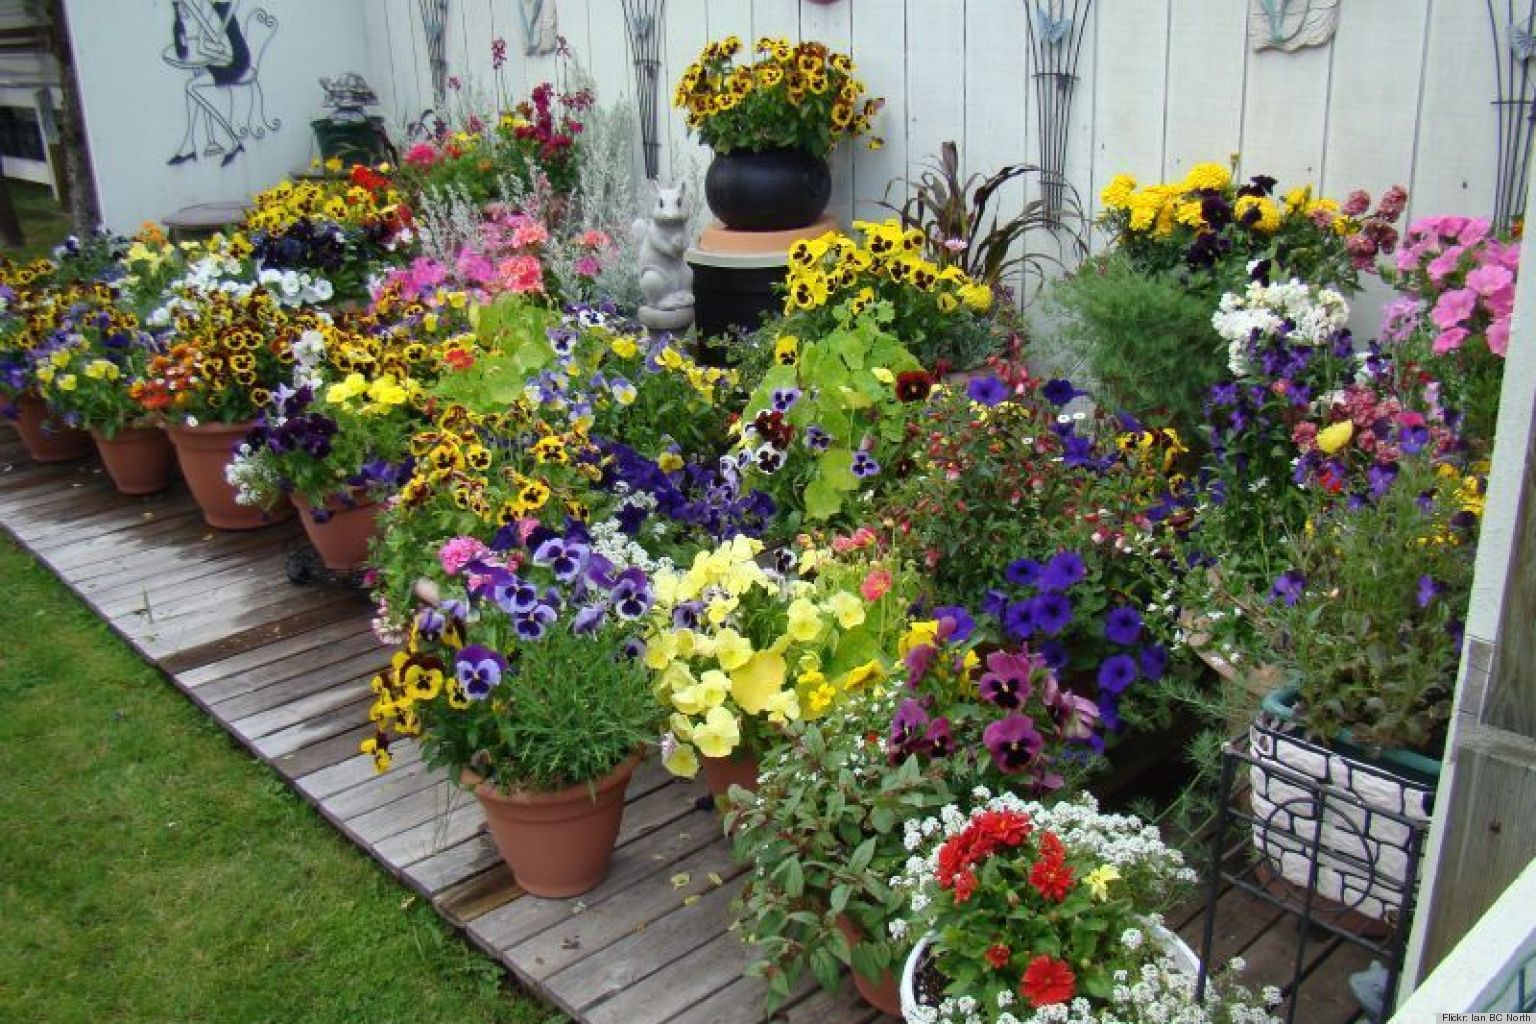 Pot Plant Flowers